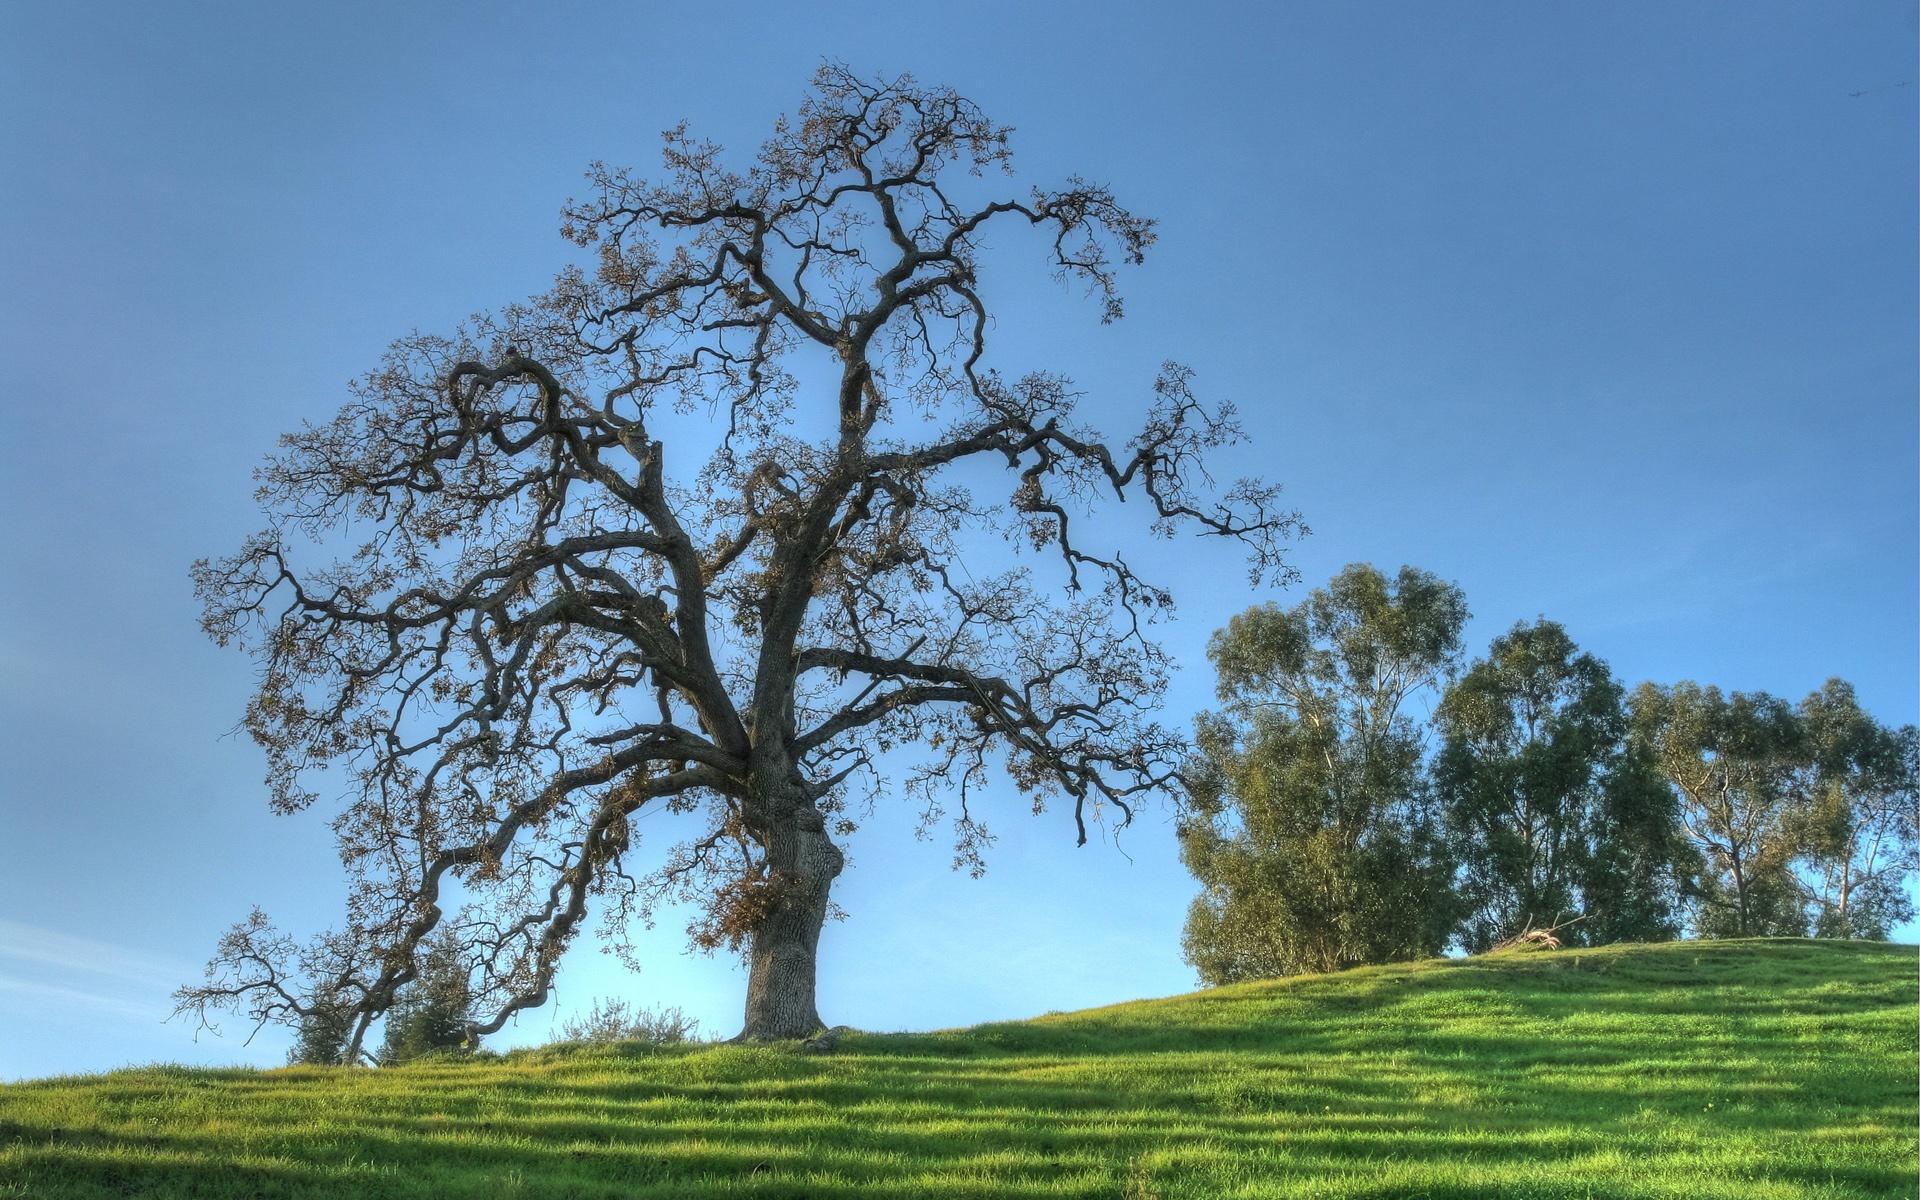 Oak Trees in Winter 1920x1200 wallpaper download page 1077601 1920x1200